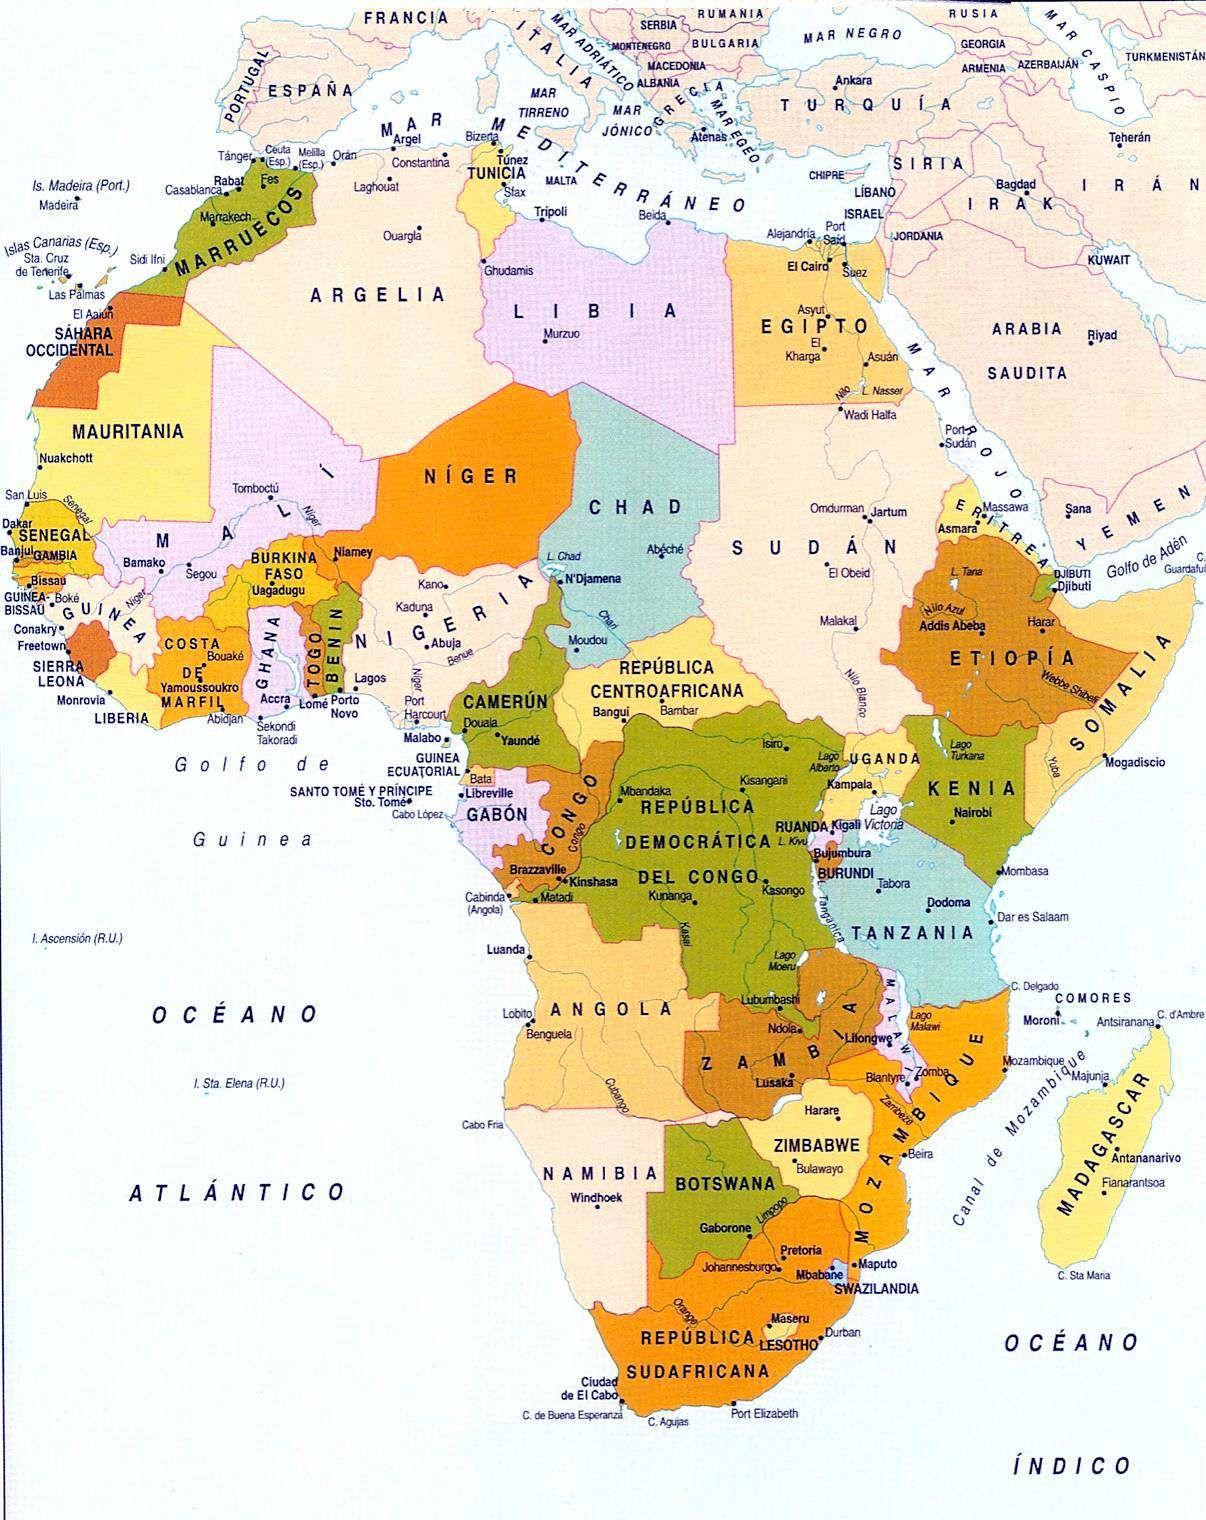 Mapa Politico De Africa Grande Con Paises Y Capitales Con